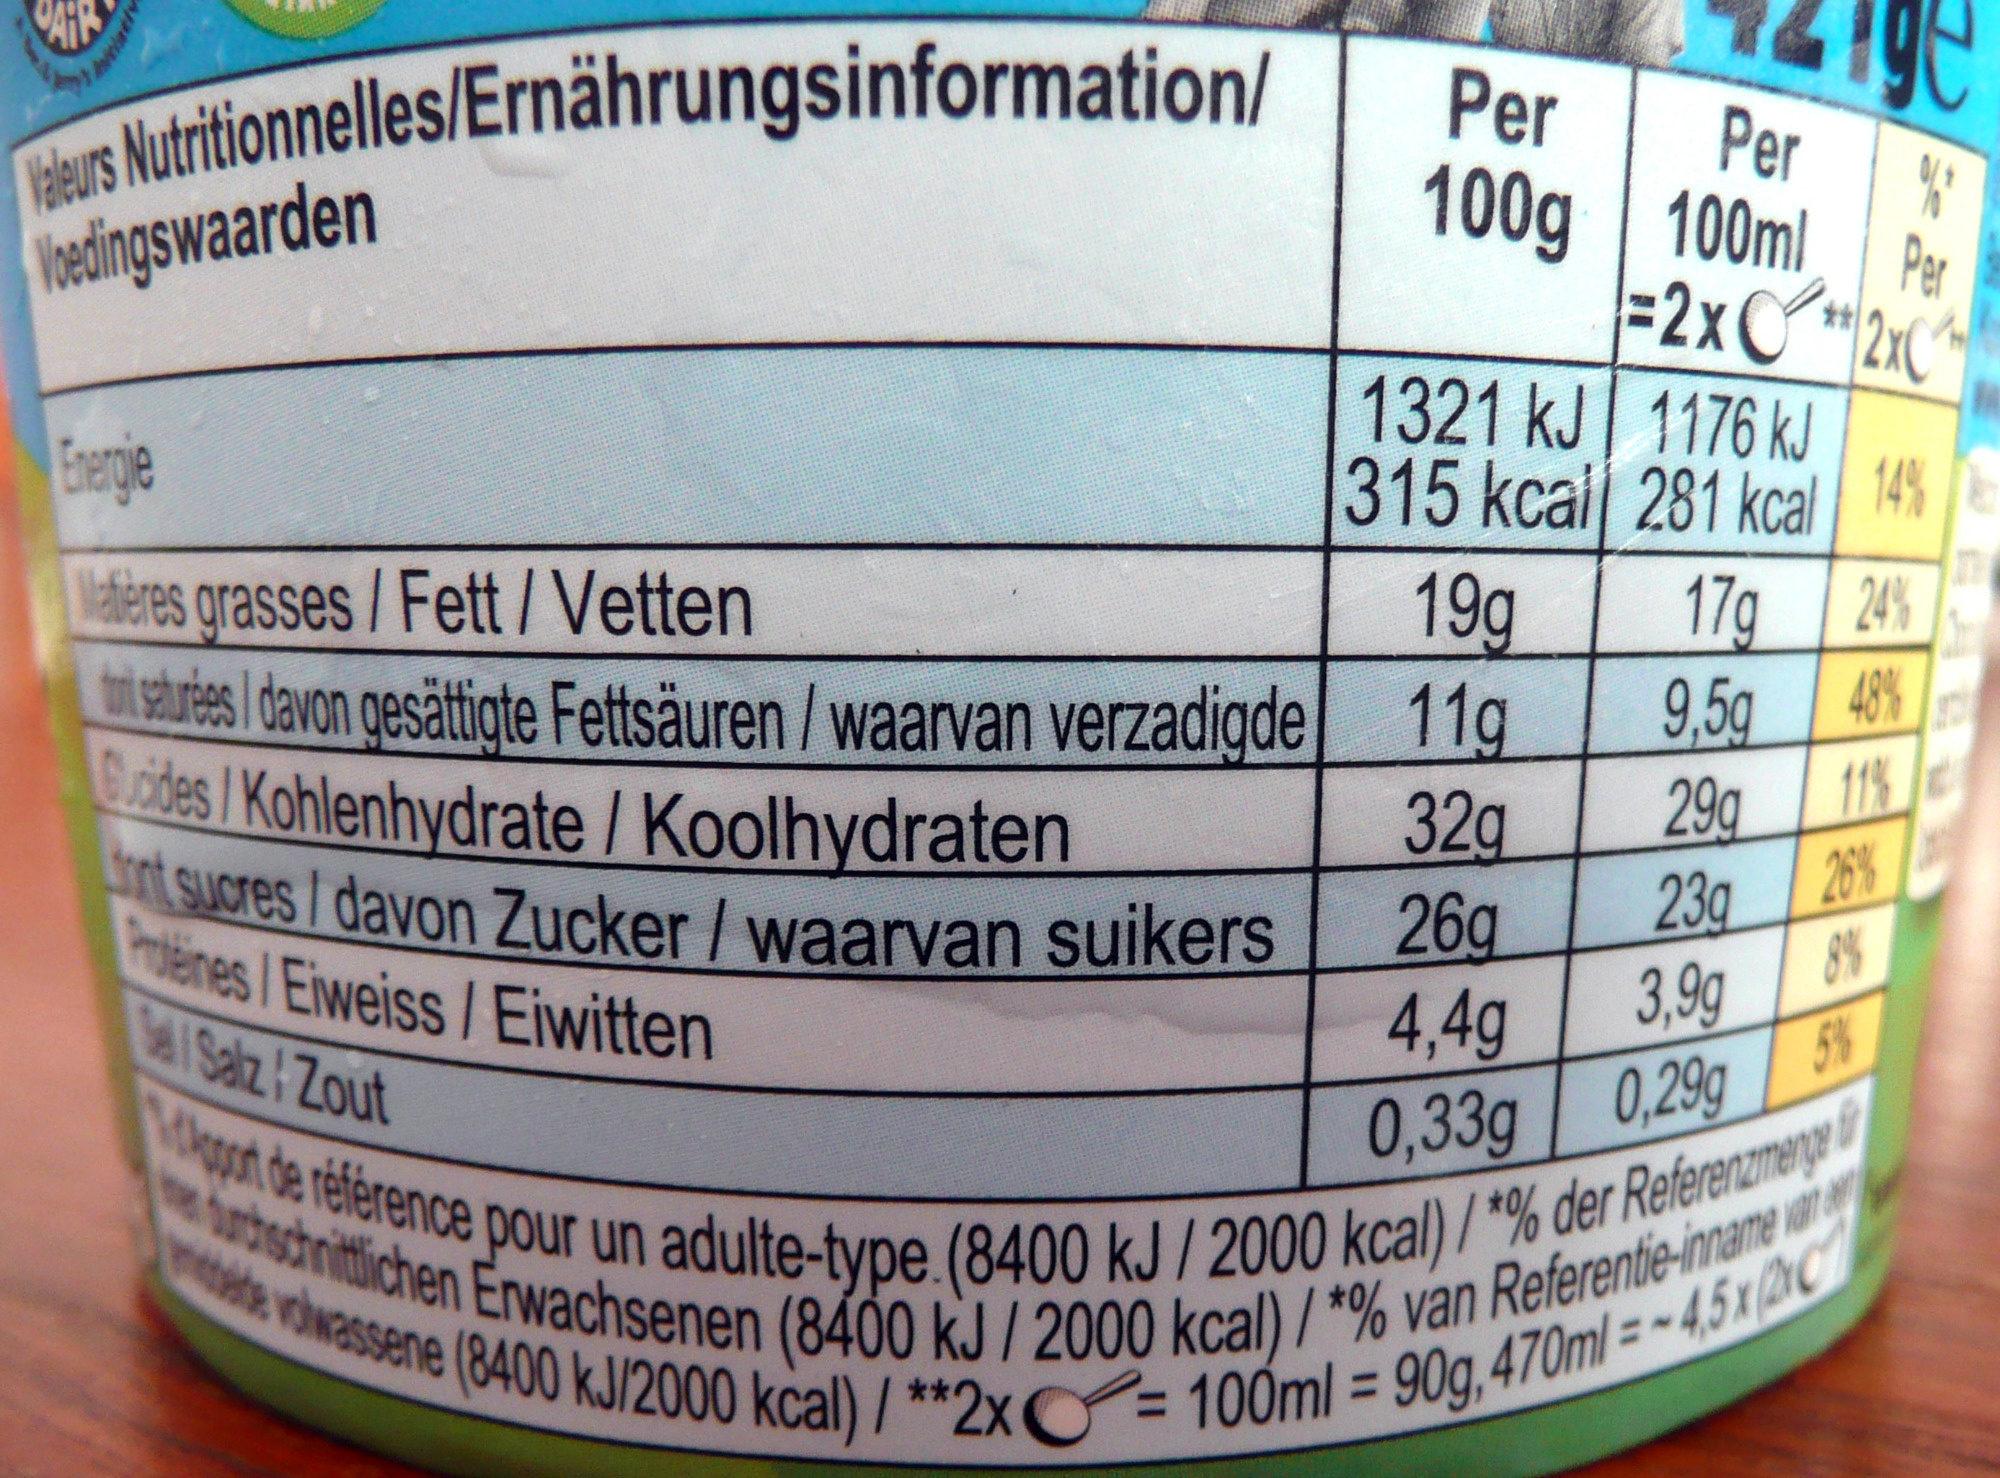 Ben & Jerry's Glace Pot Topped Bretzel Palooza 470ml - Voedingswaarden - fr